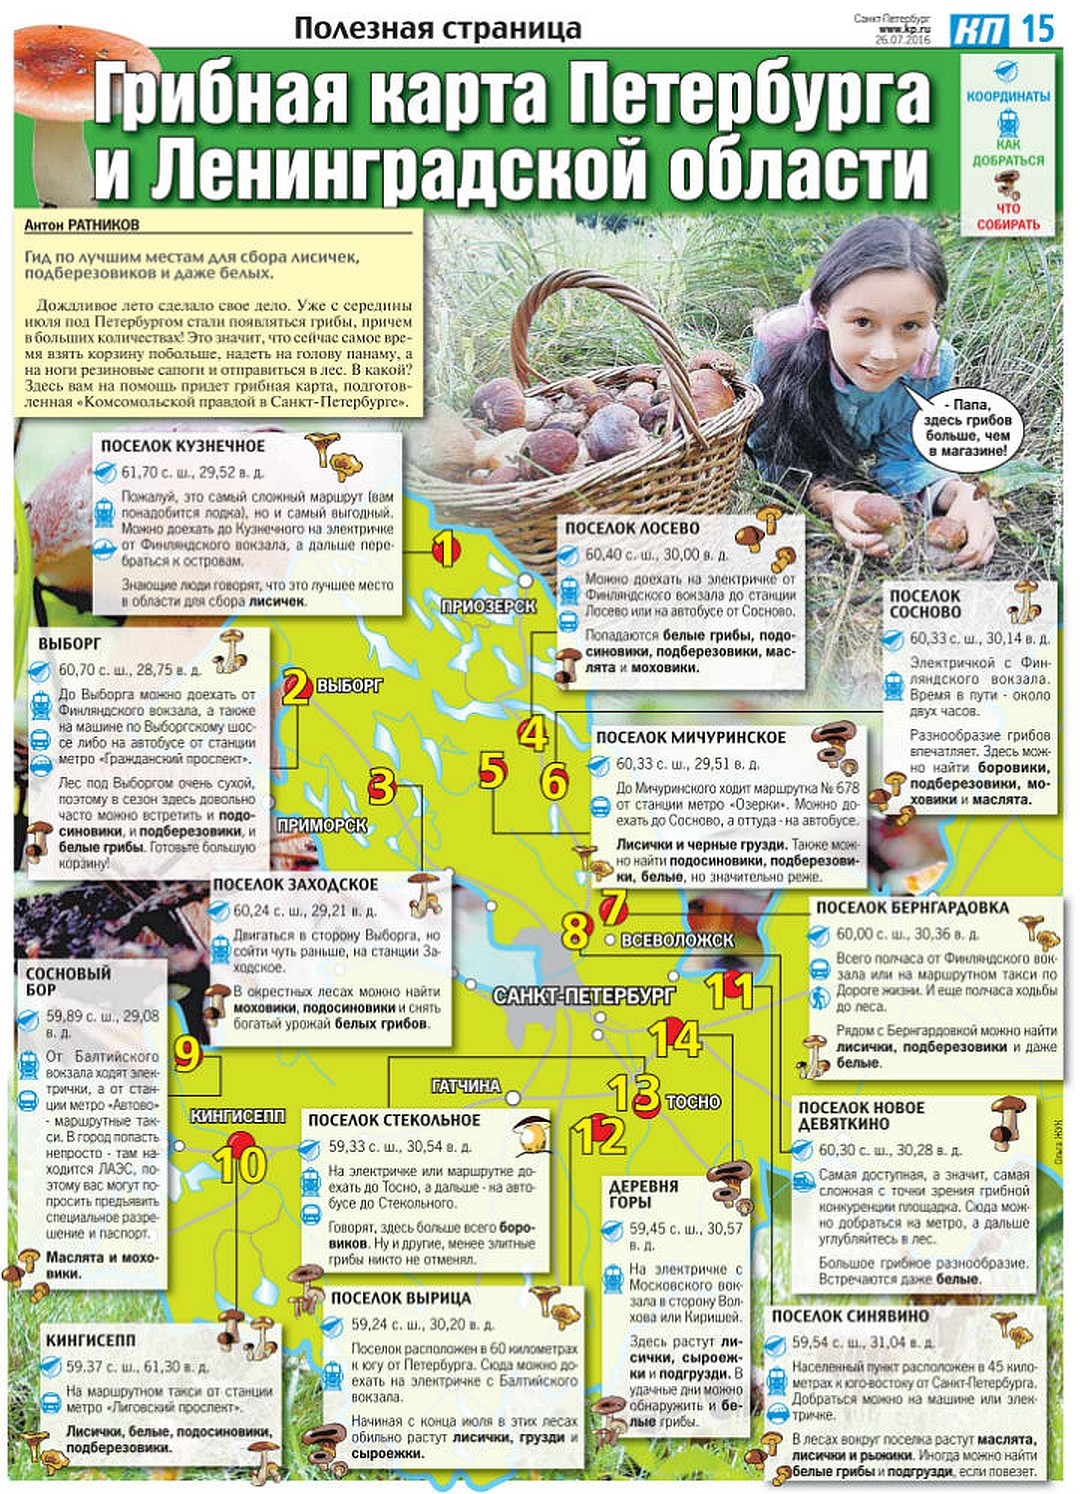 карта фото 1